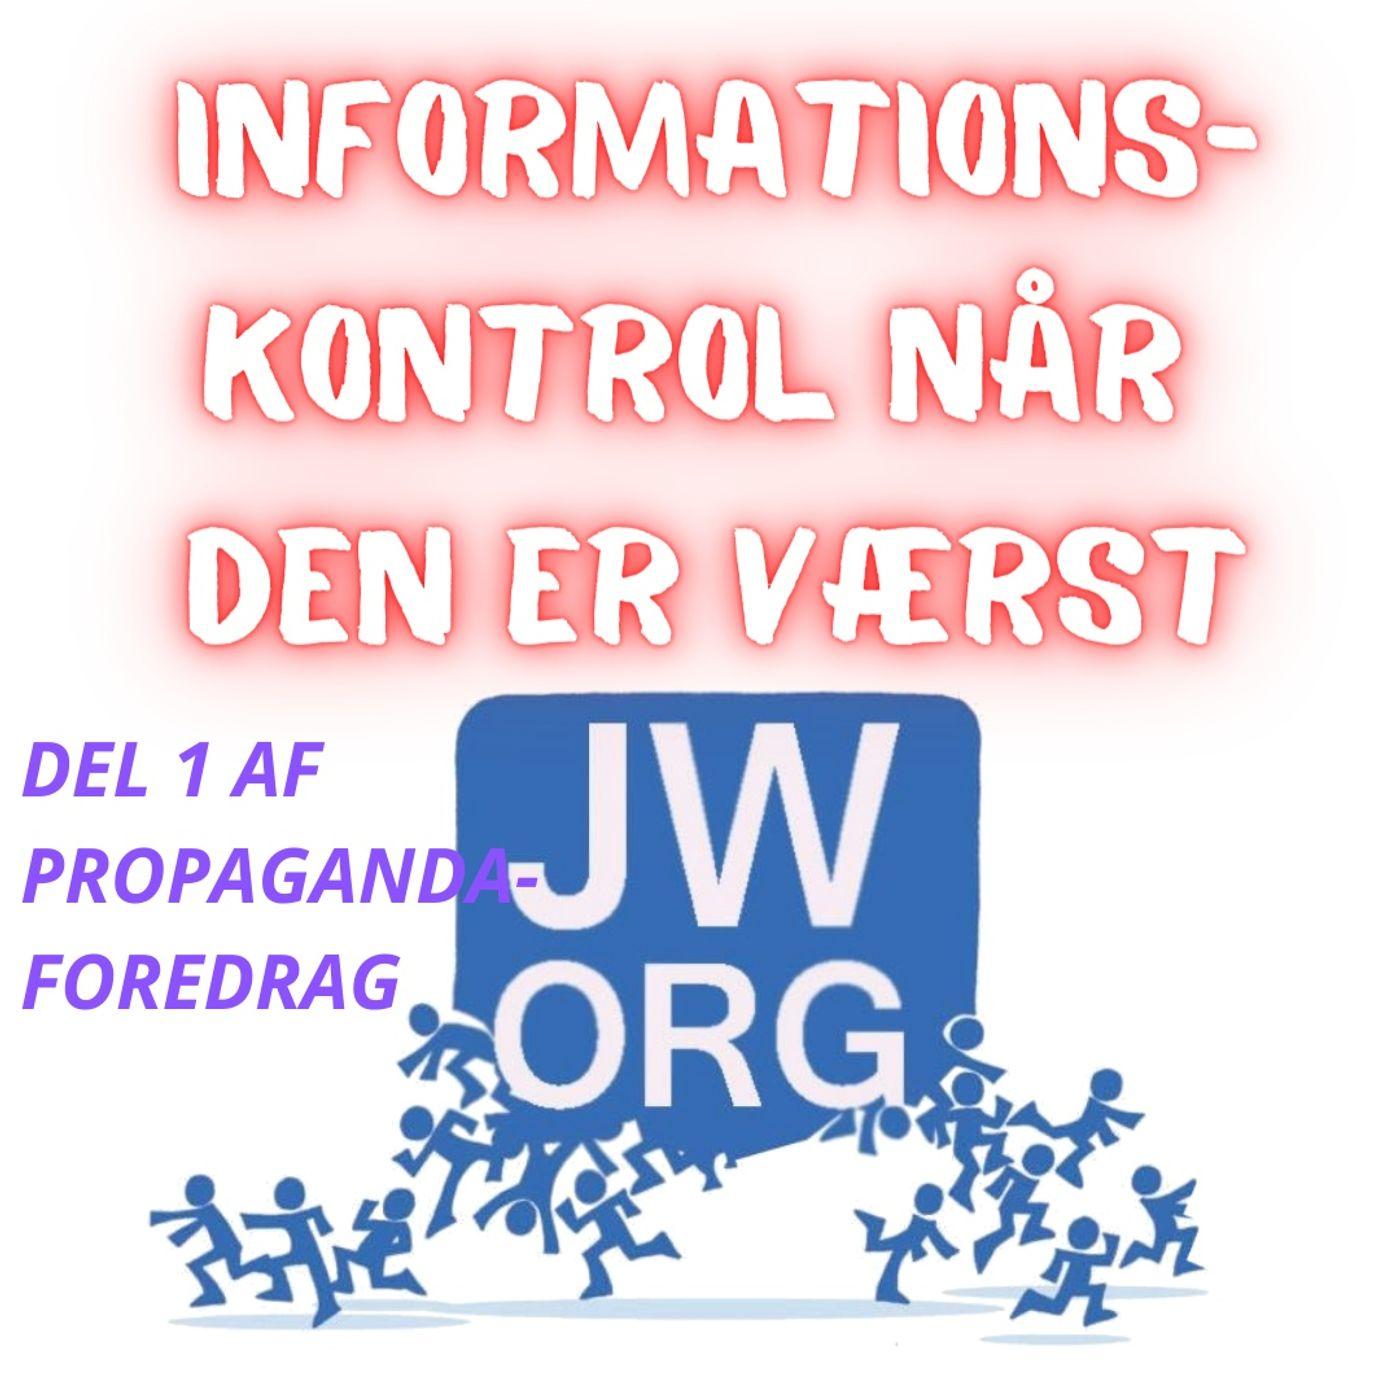 #114 Propagandaforedrag med tydelig informationskontrol.